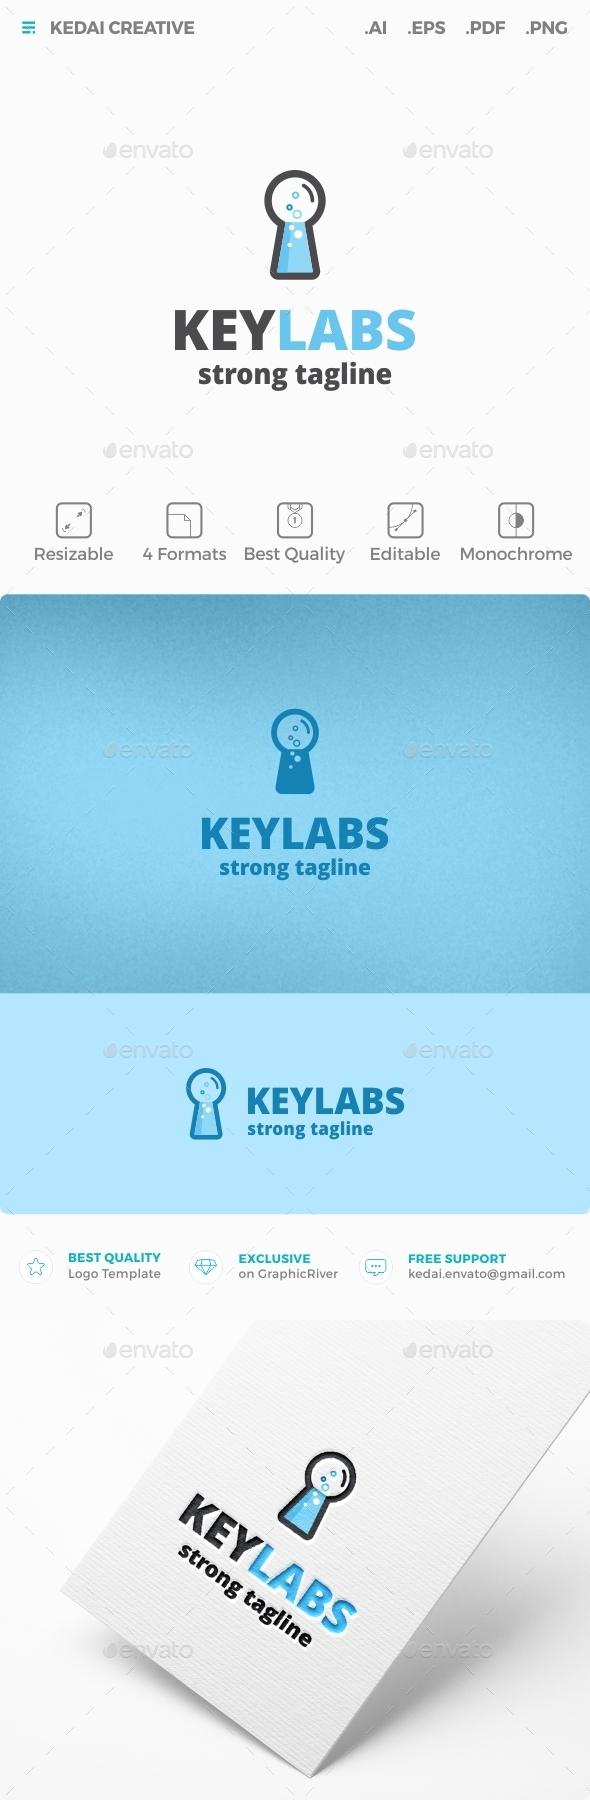 Key Labs